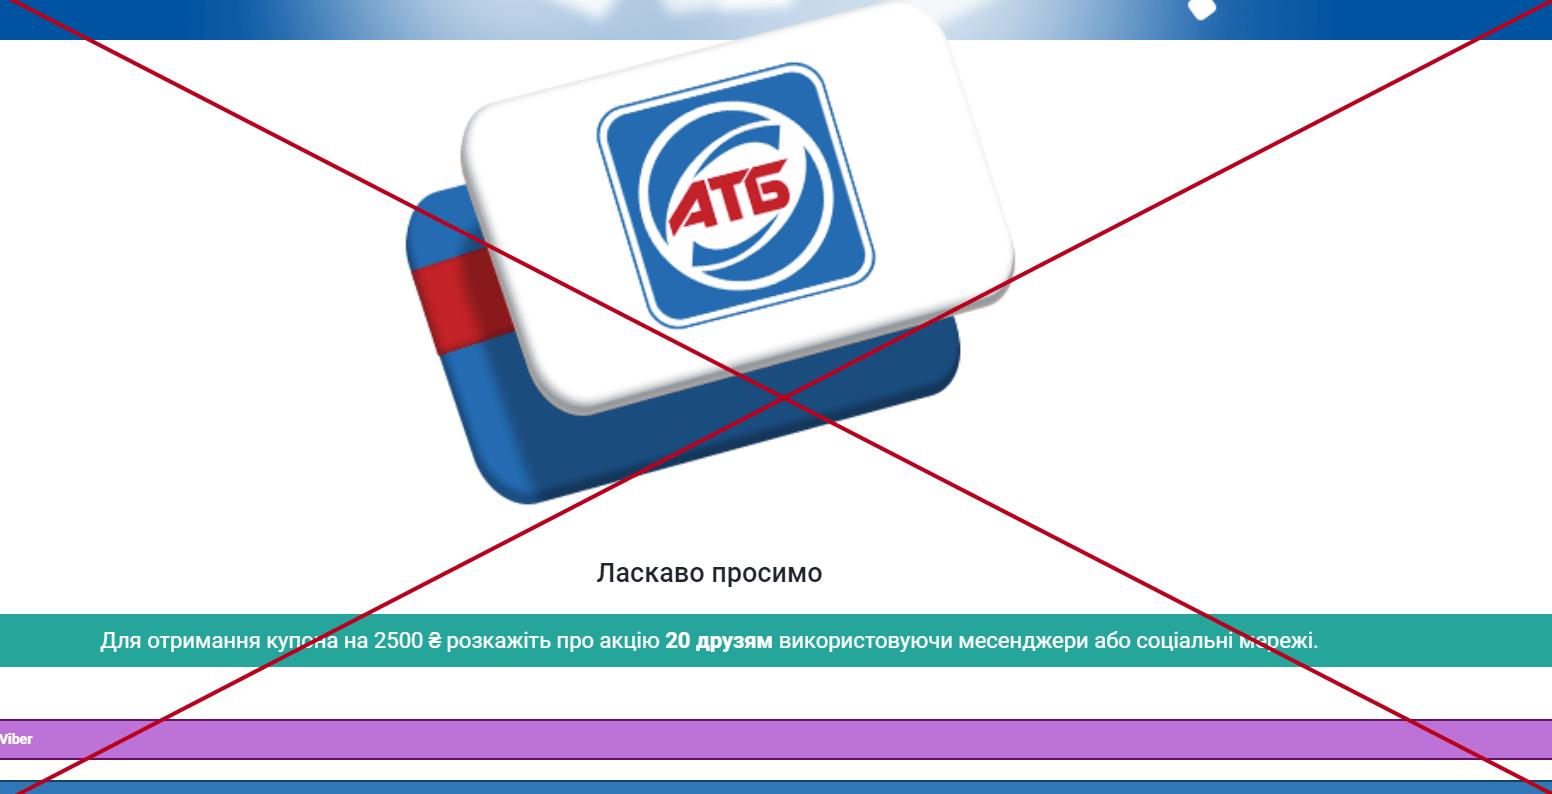 Опрос от АТБ - отзывы. Купон на 2500 гривен